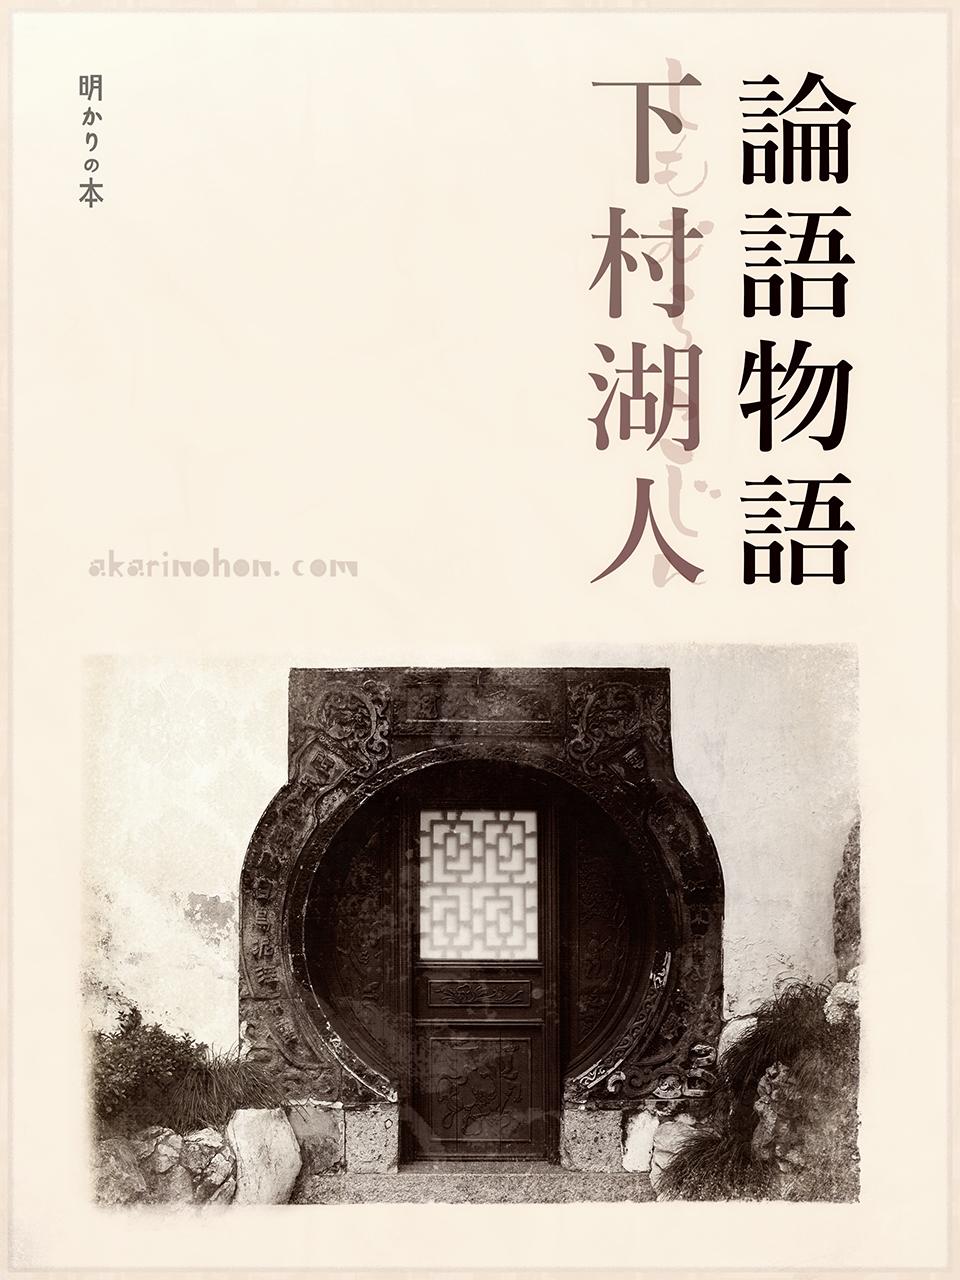 0000 - 論語物語(7) 下村湖人